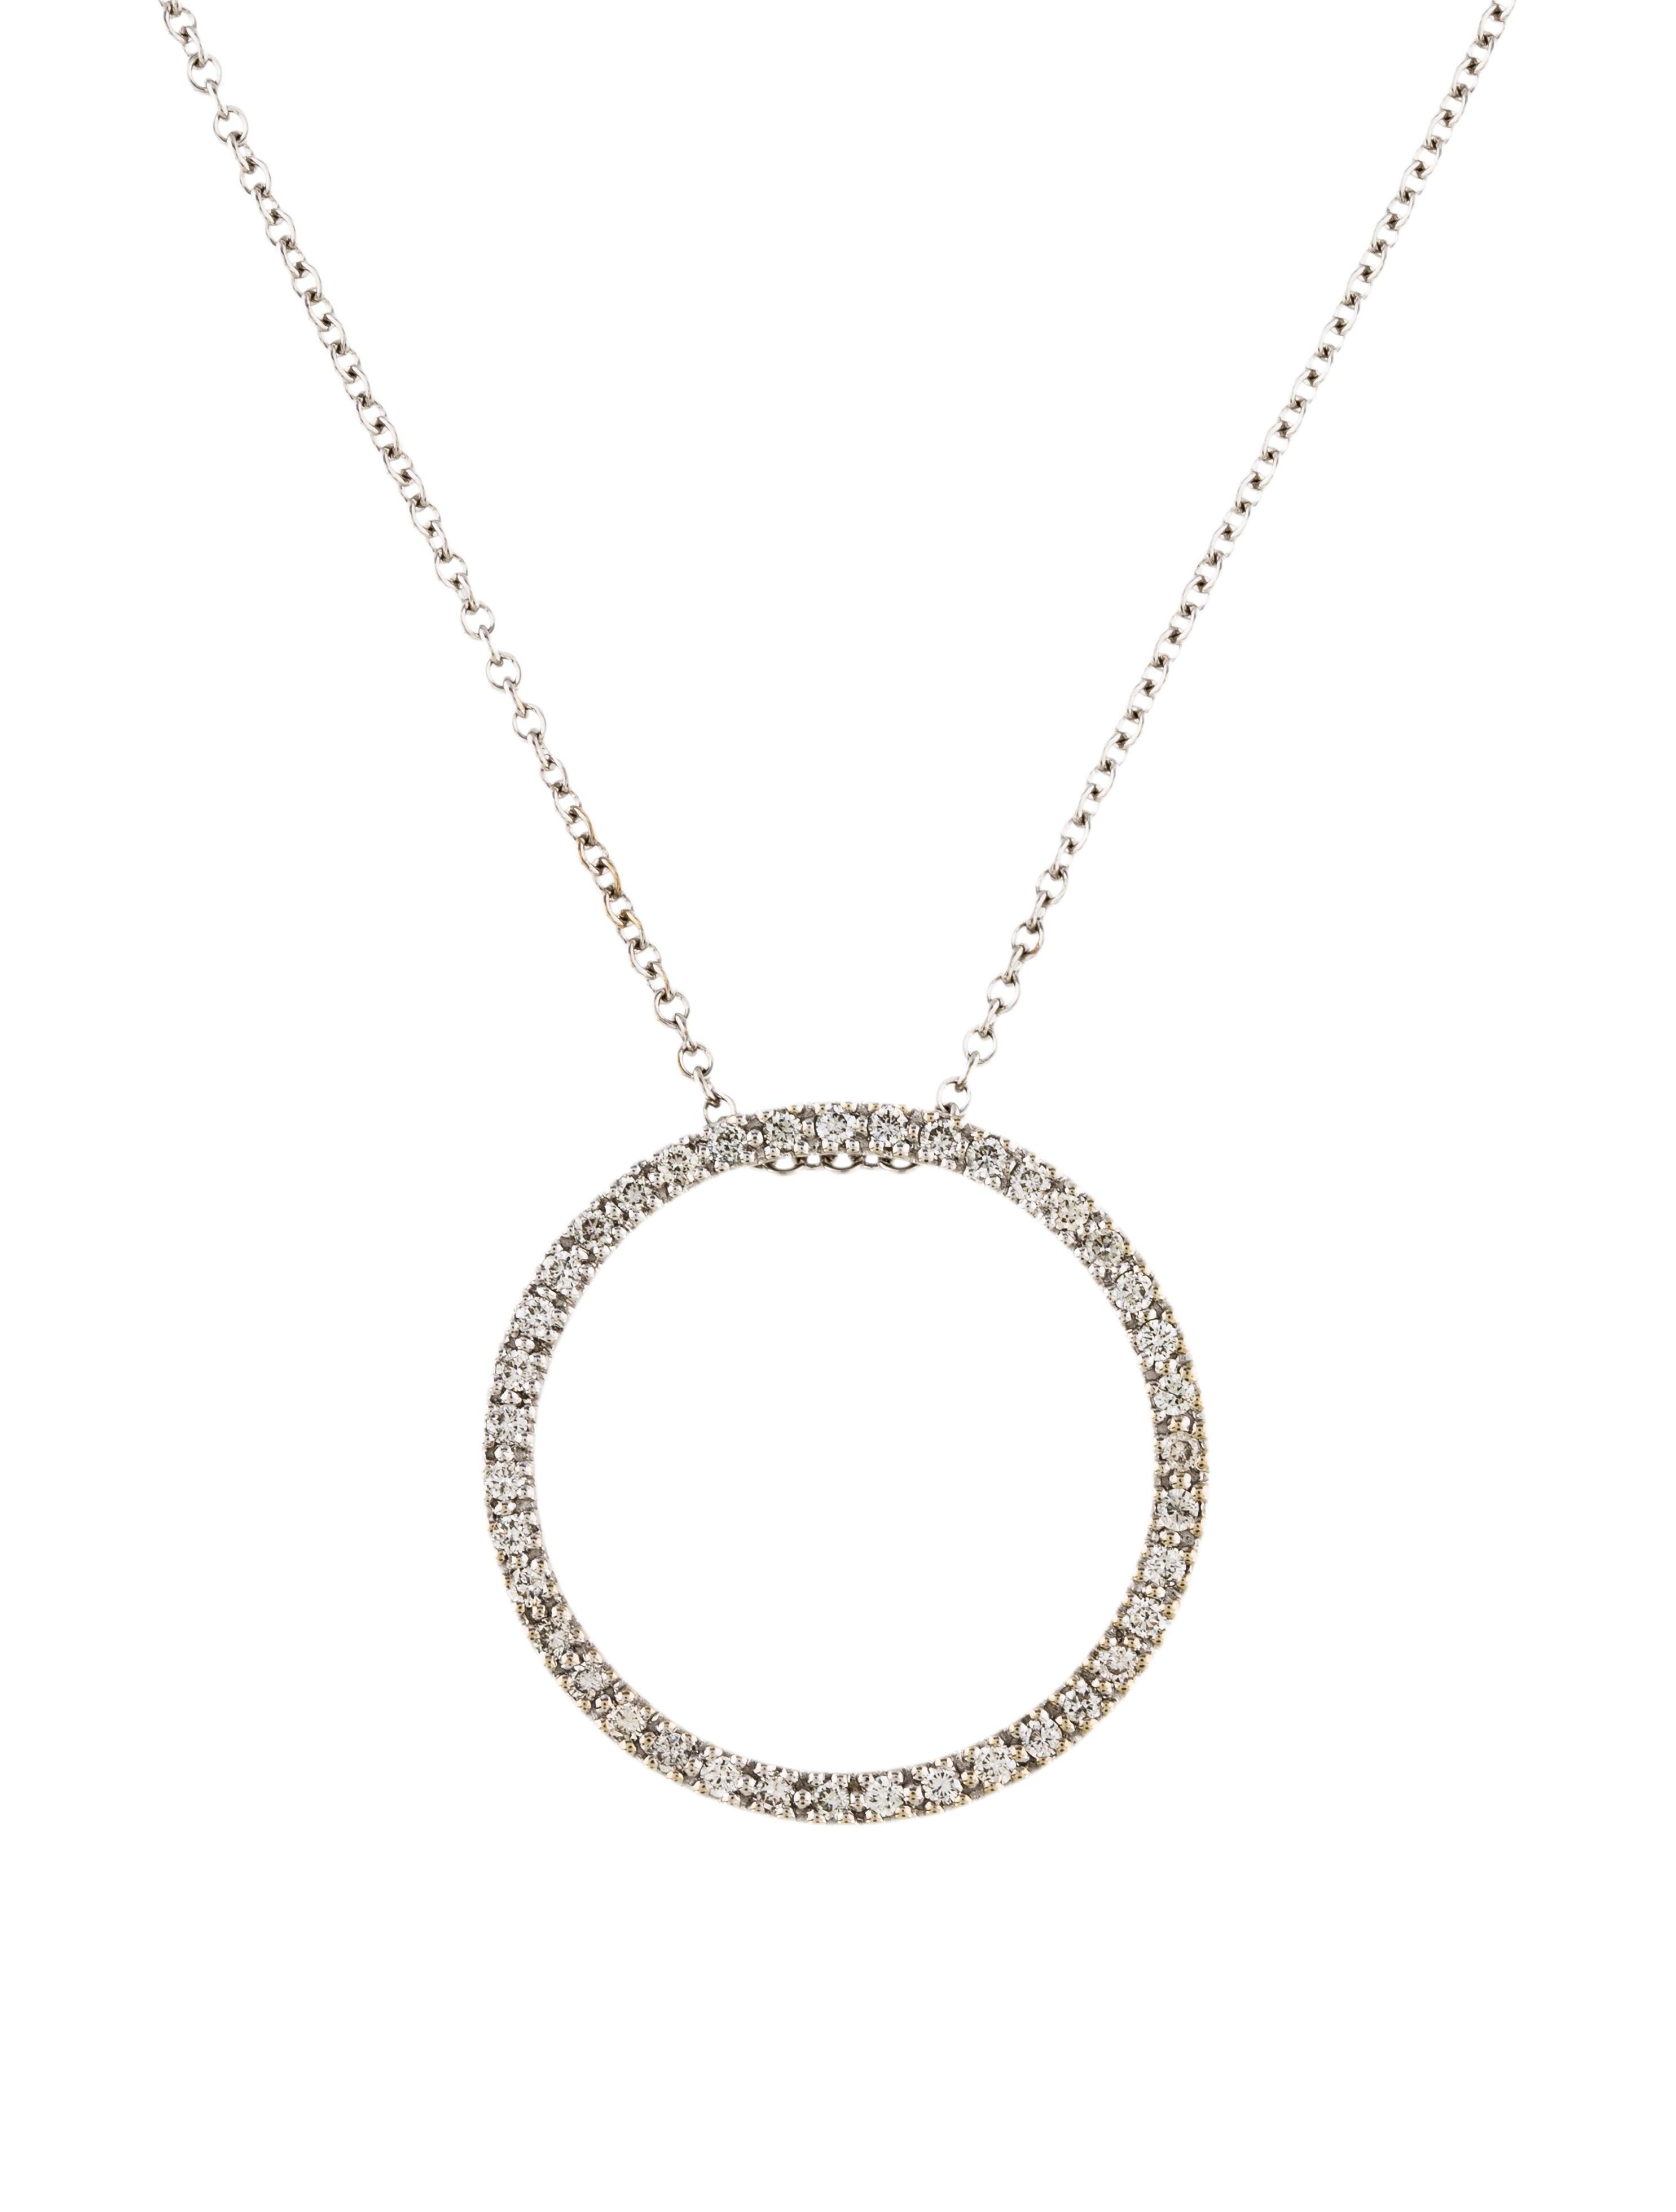 14k diamond circle pendant necklace necklaces neckl34936 the 14k diamond circle pendant aloadofball Images